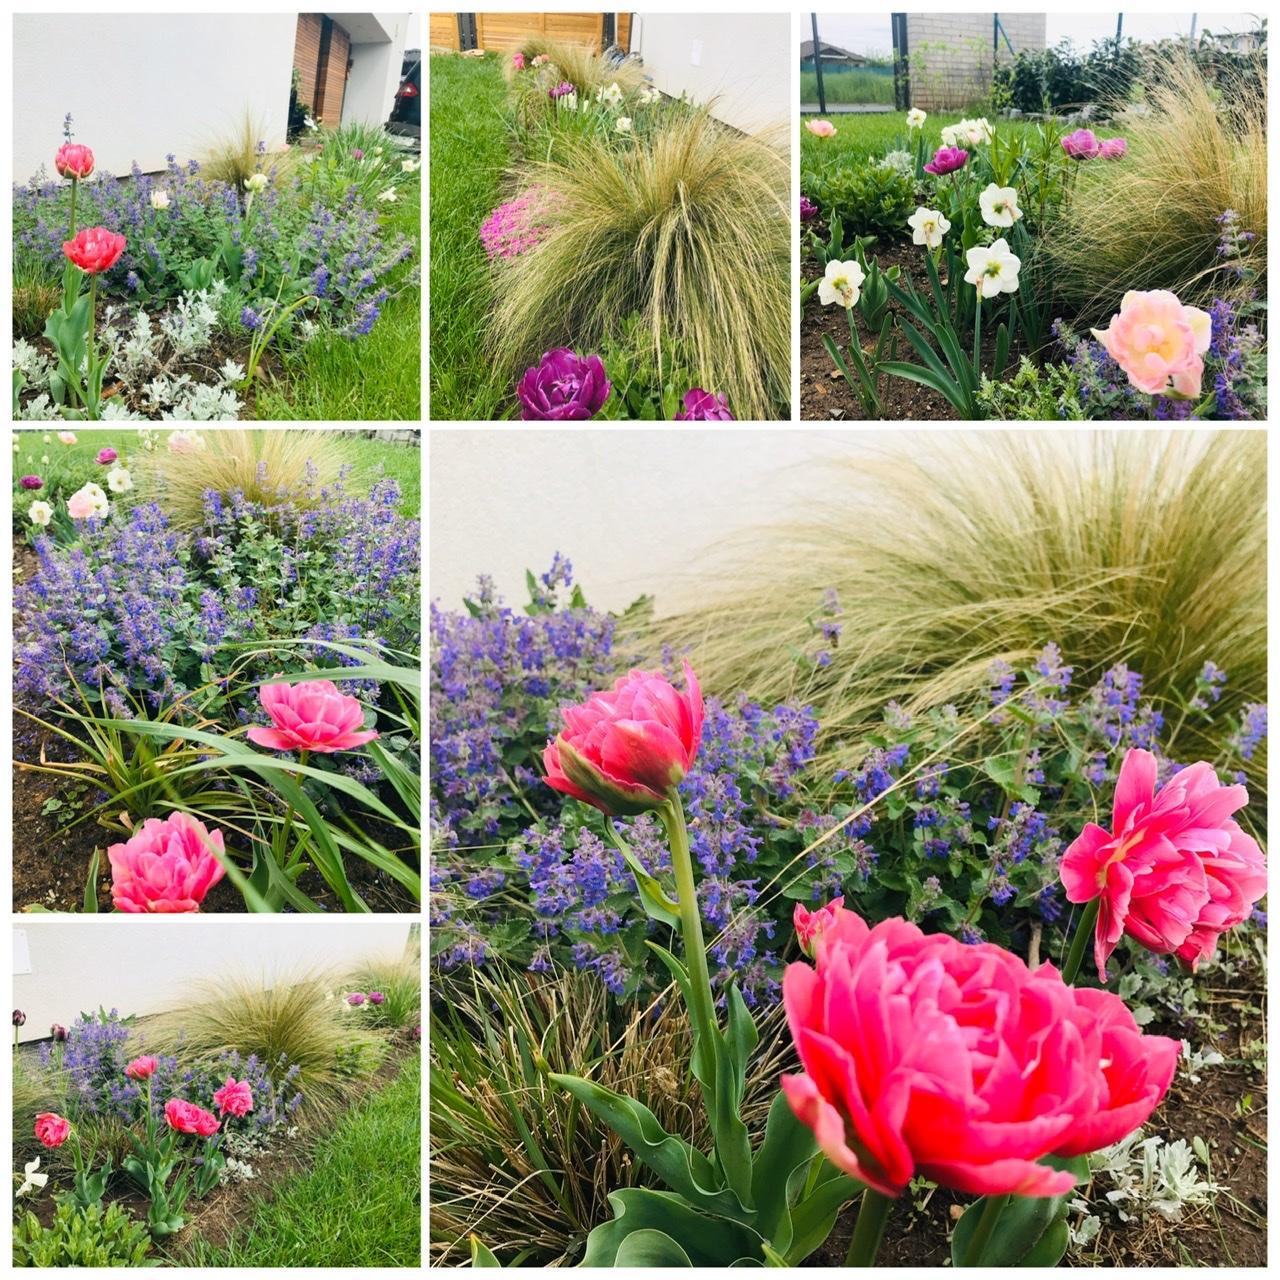 Naše L-ko - 2021 - stále dokončujeme - kvetinové záhony v predzahrádke okolo domu